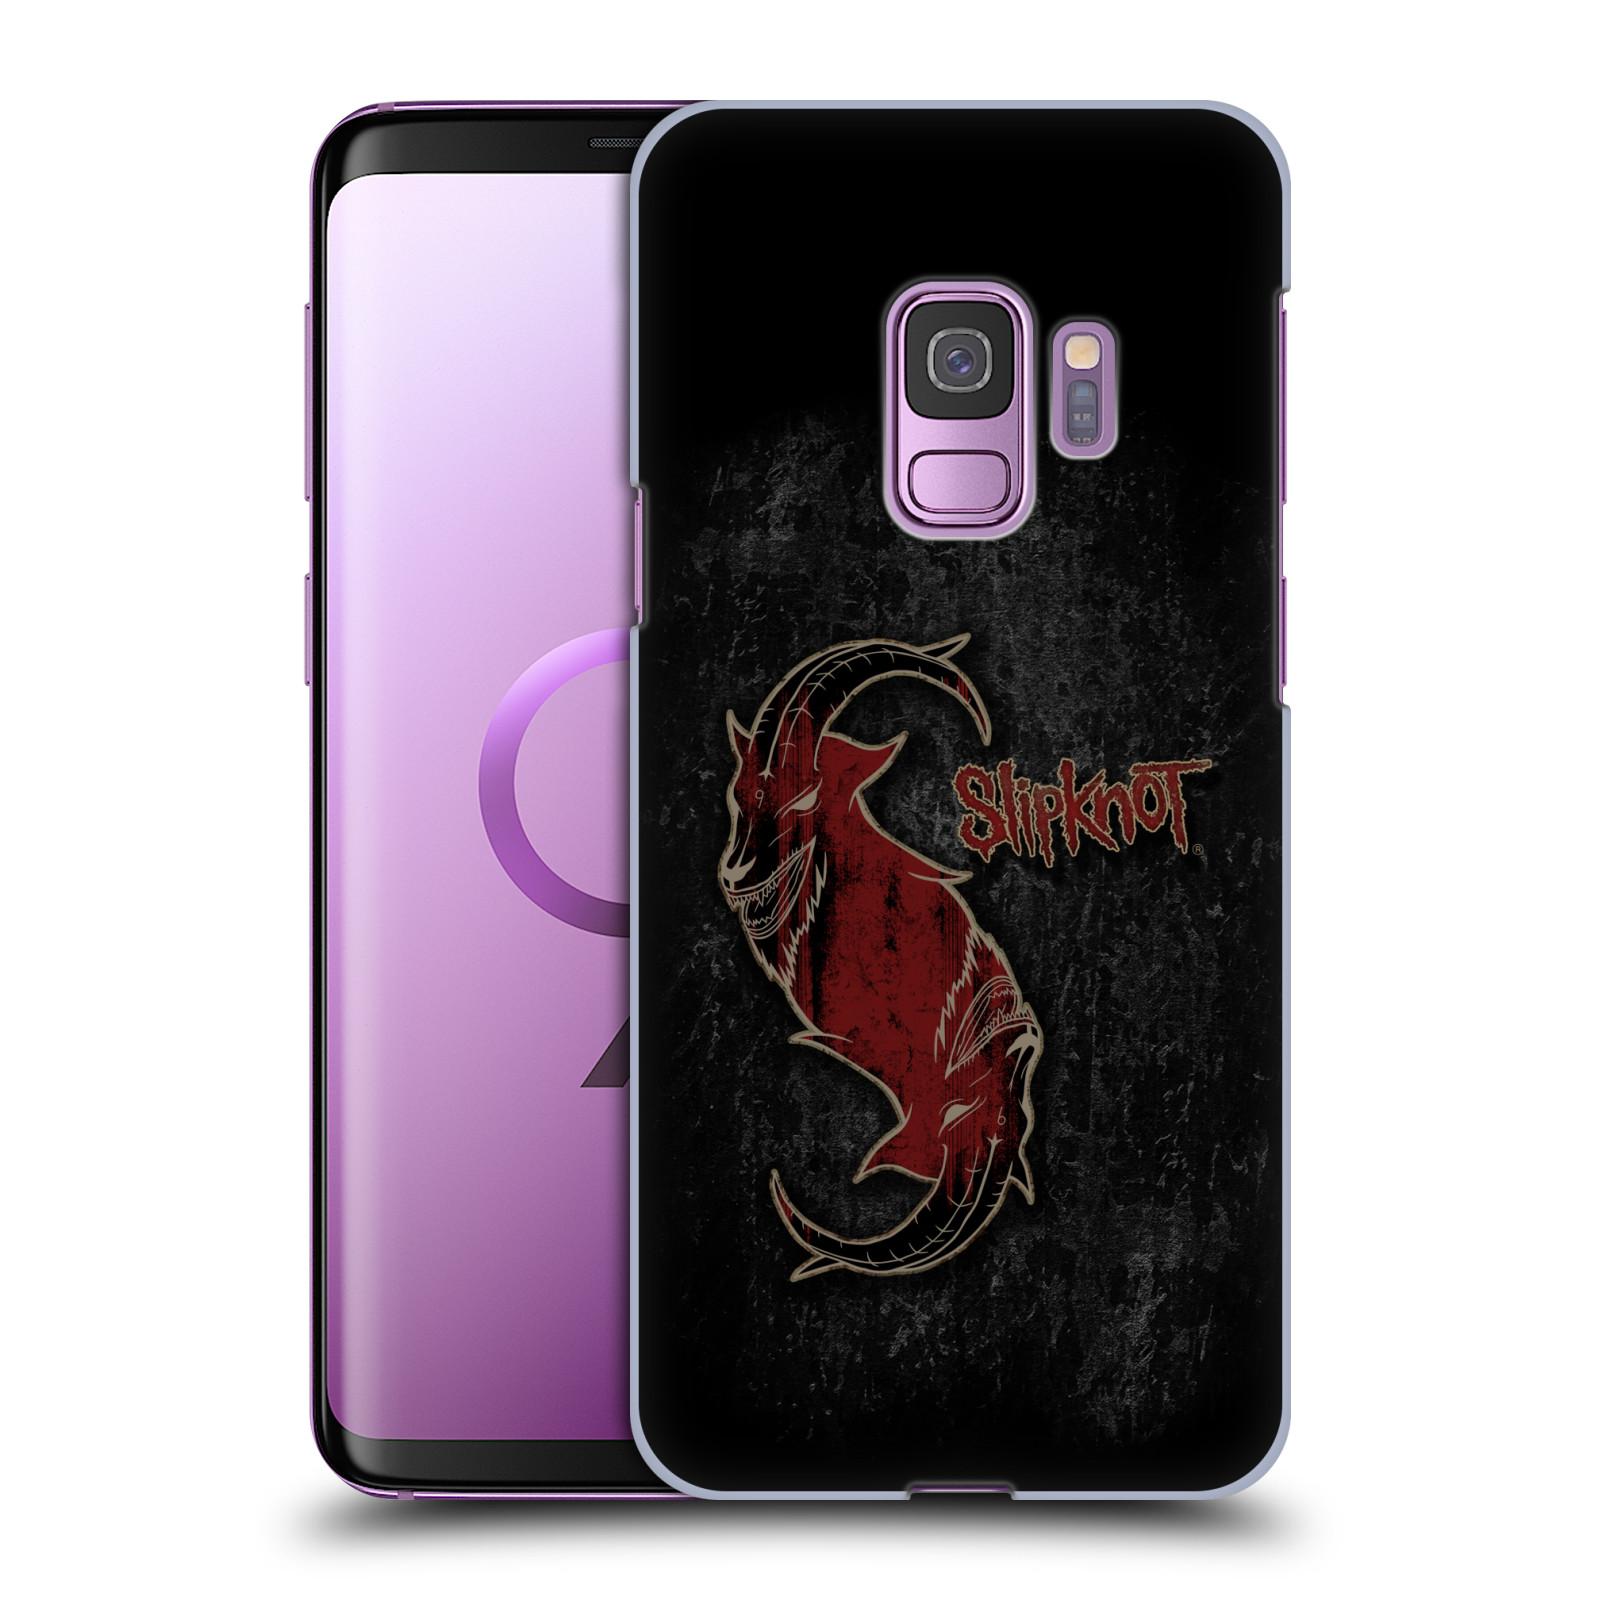 Plastové pouzdro na mobil Samsung Galaxy S9 - Head Case - Slipknot - Rudý kozel